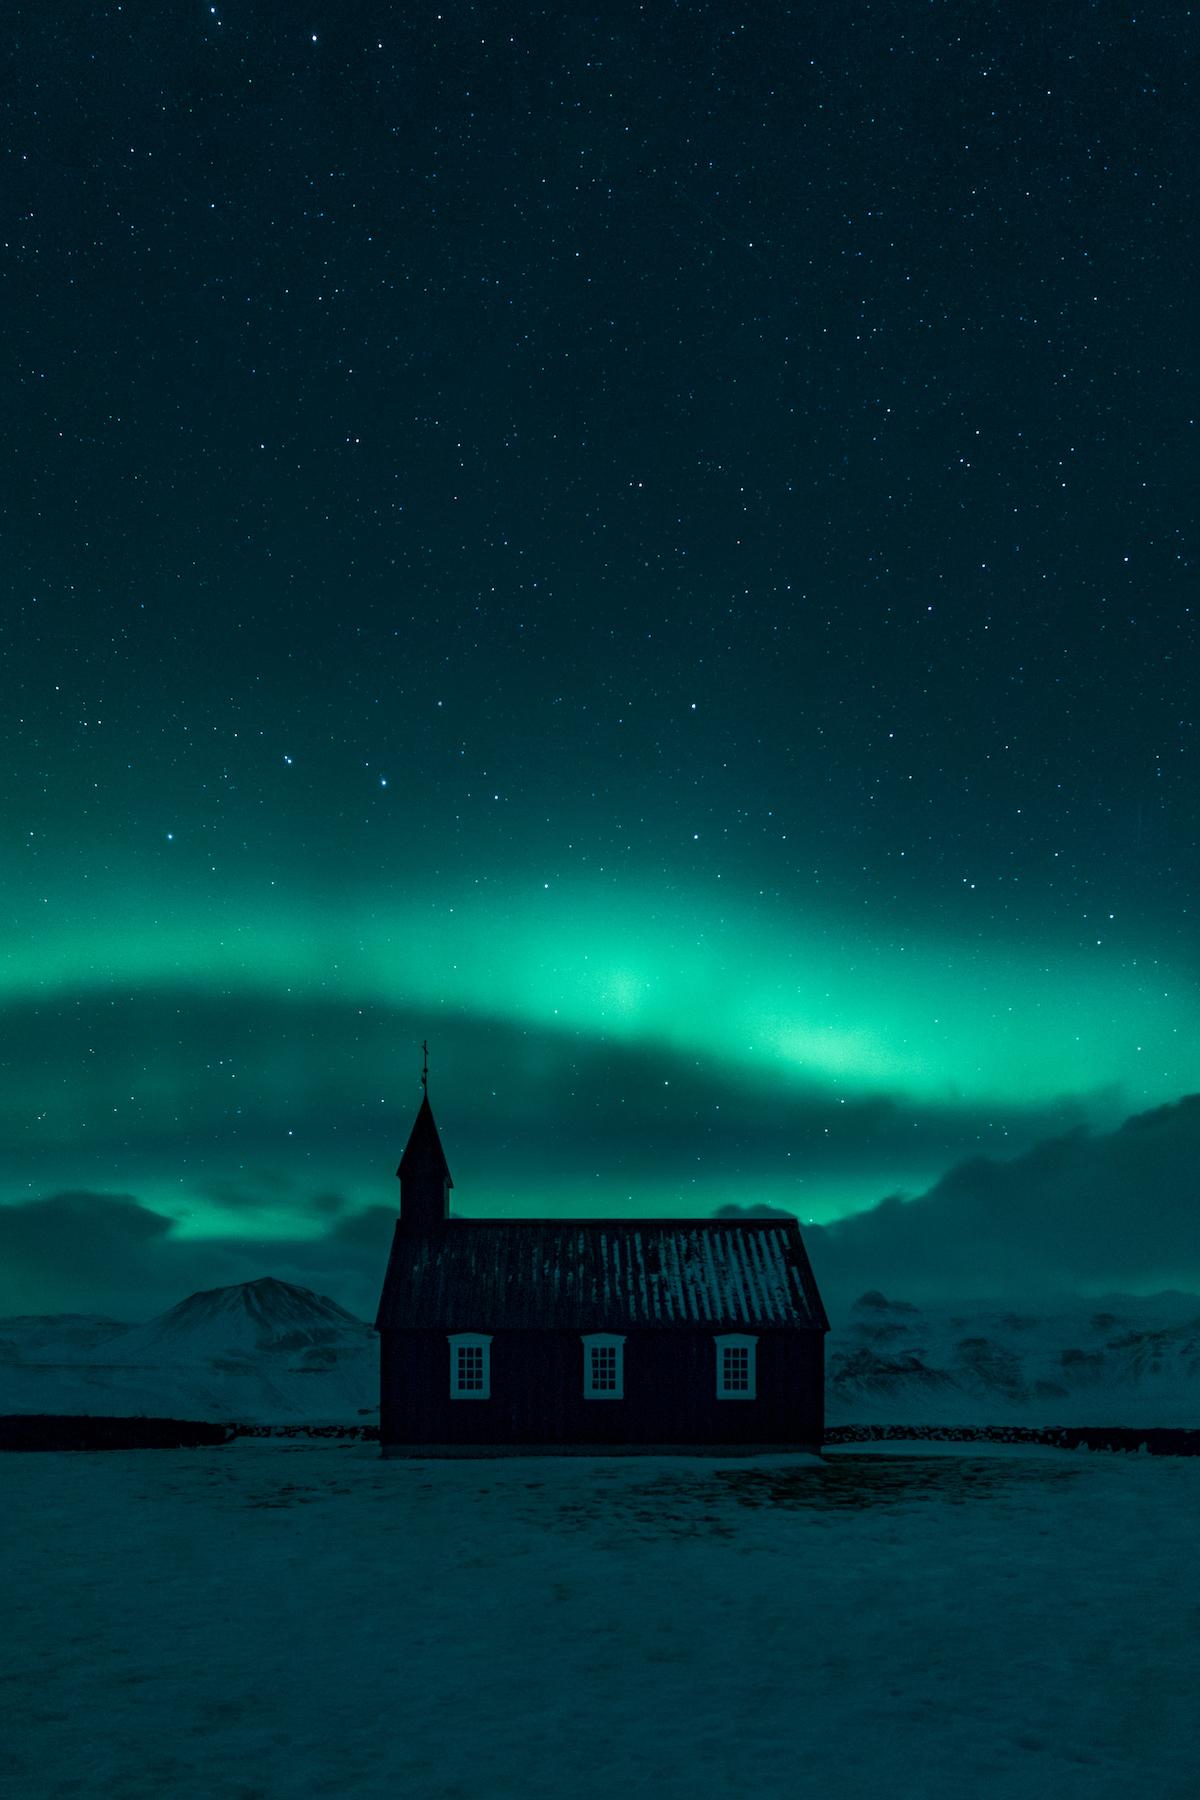 Захватывающий шорт-лист лучших астрономических фотографий года list19